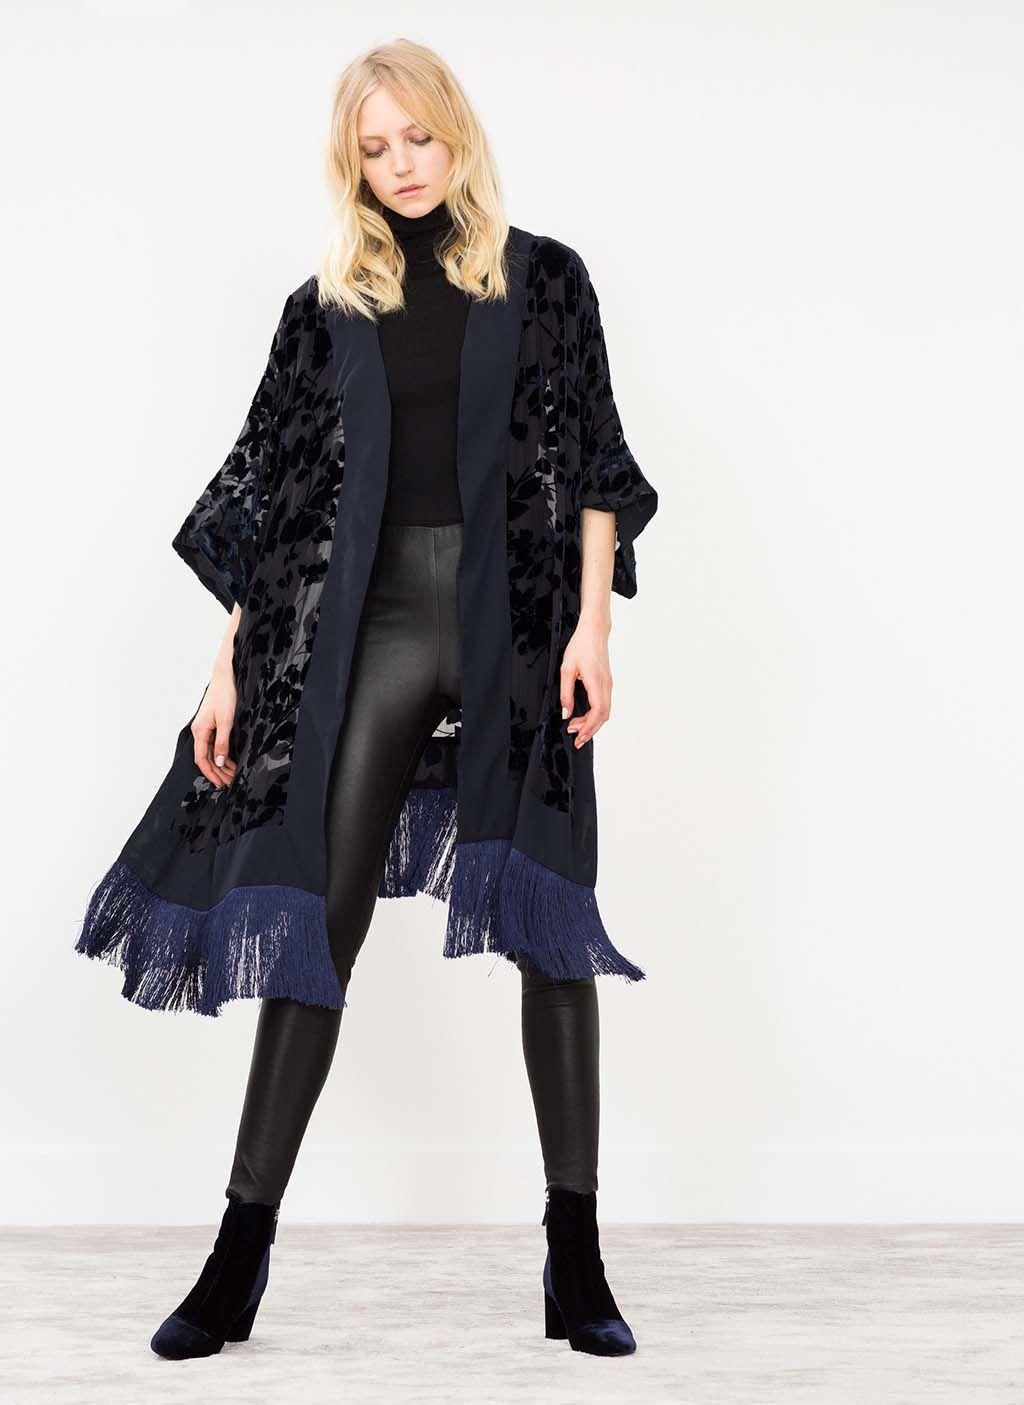 Kimono de terciopelo y flecos en negro y azul 8b6c094700f